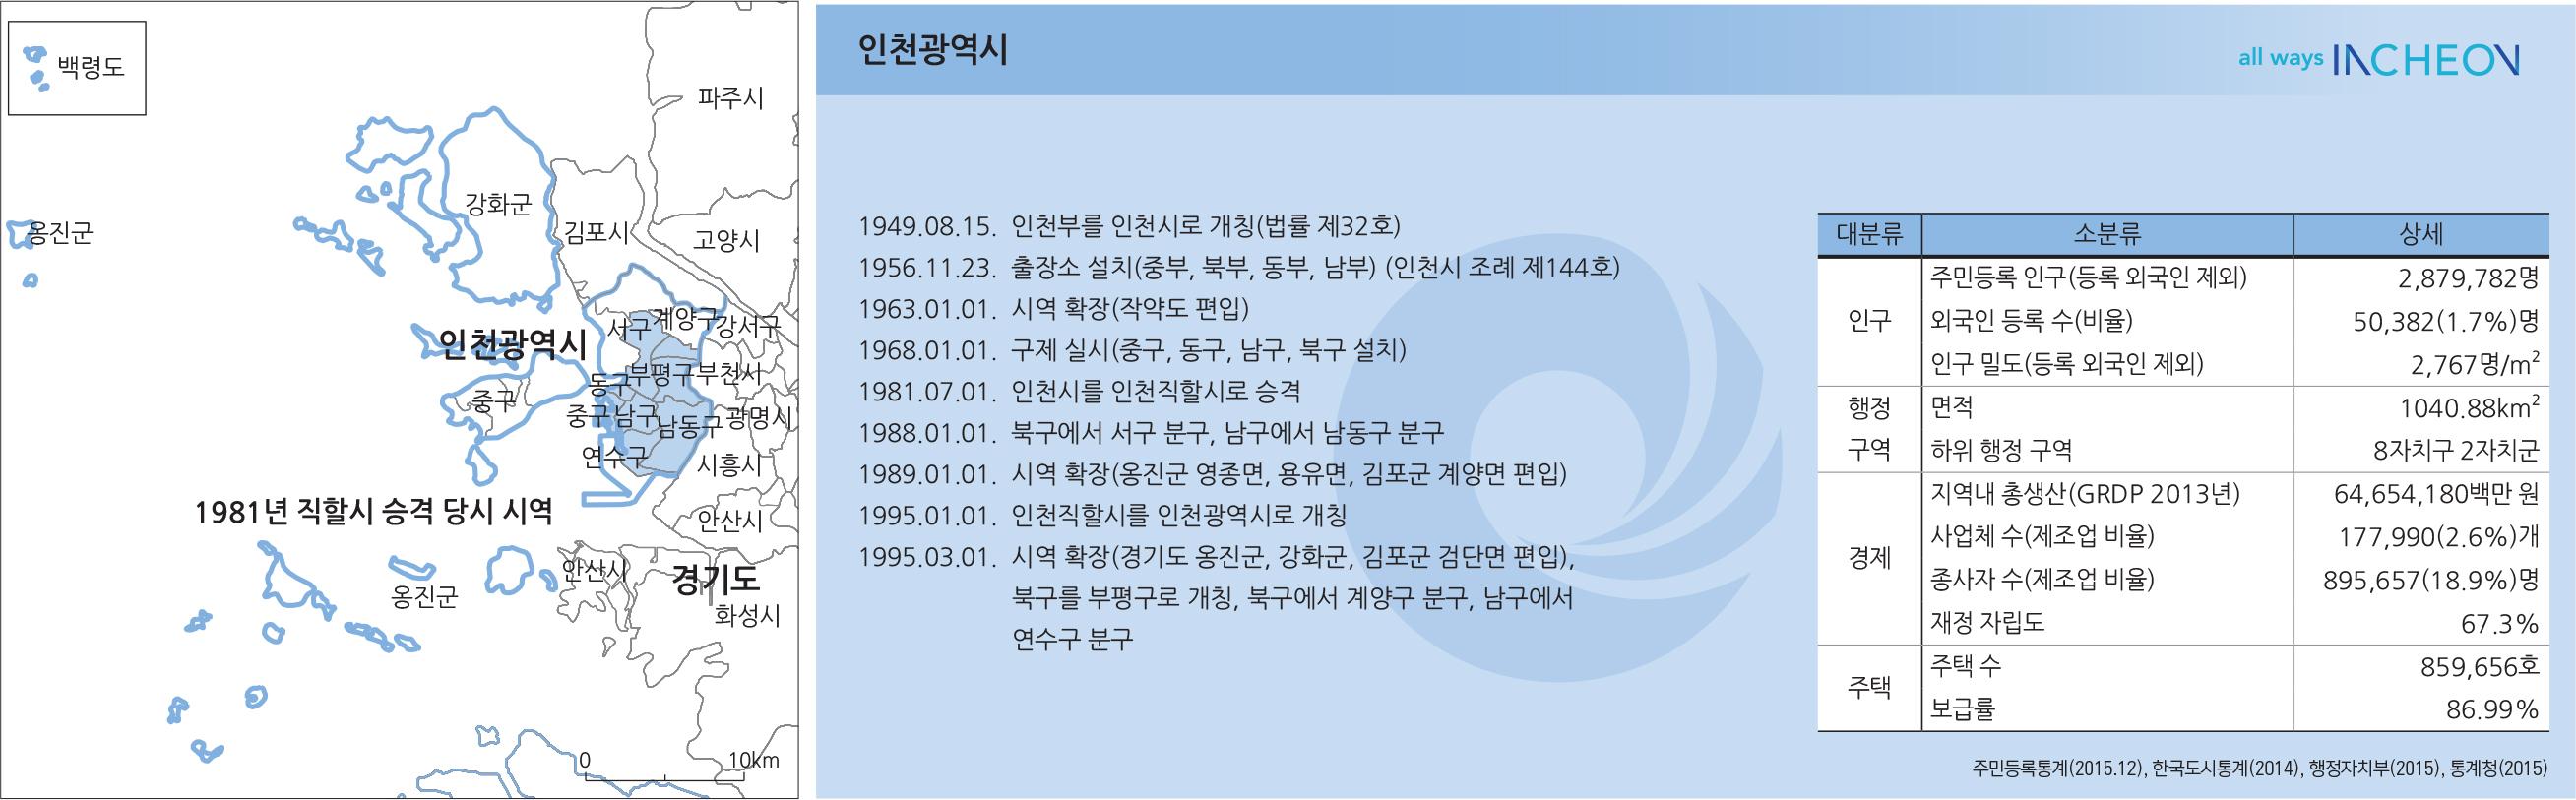 특별시, 광역시, 특별자치시의 성장 - 인천광역시